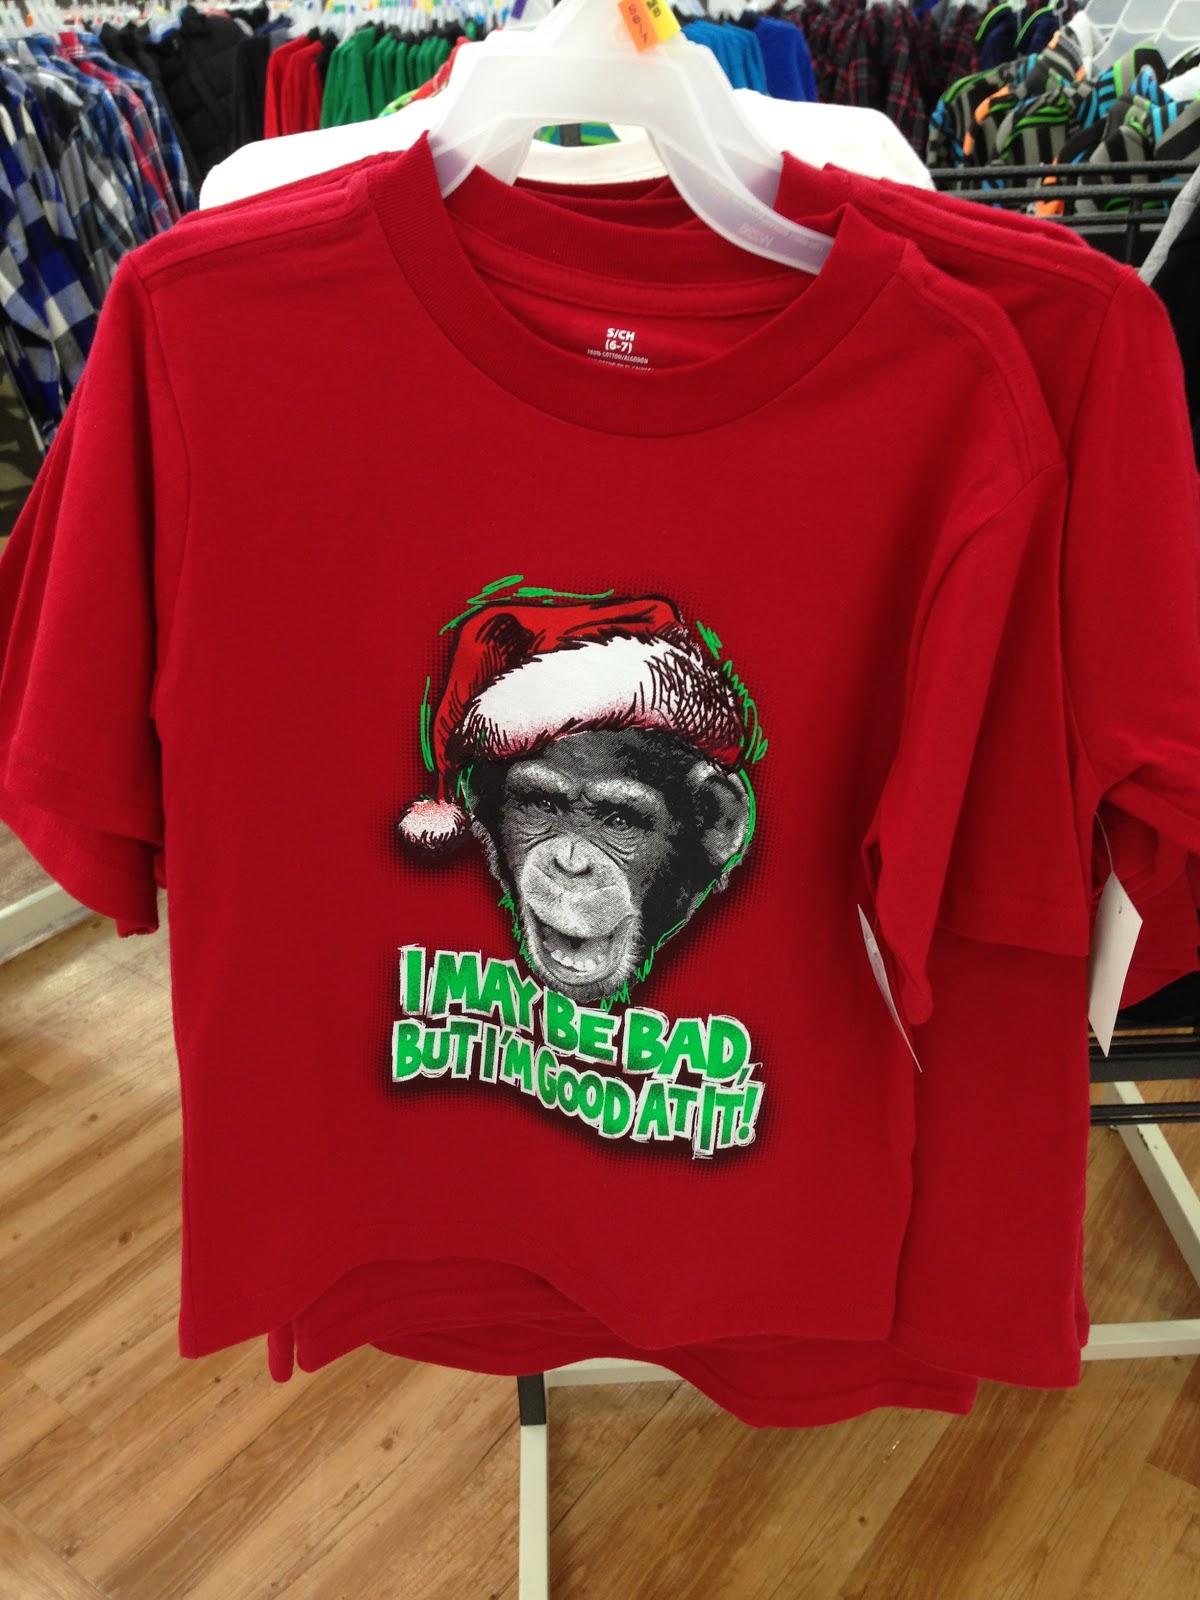 walmart mens christmas tee shirts - Christmas Shirts Walmart